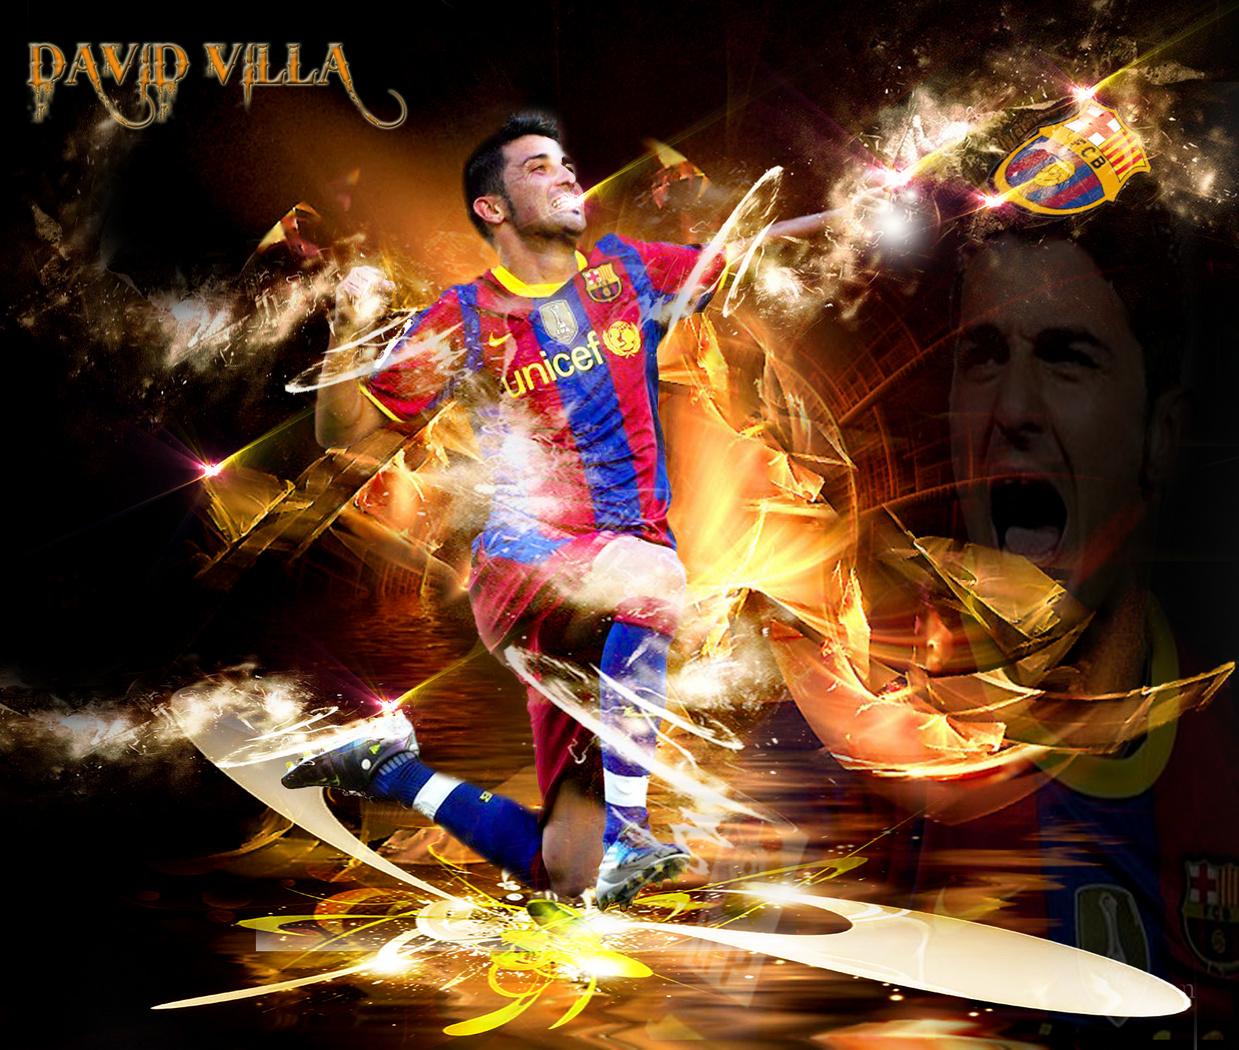 Football Super Star Player David Villa Latest HD 1239x1050